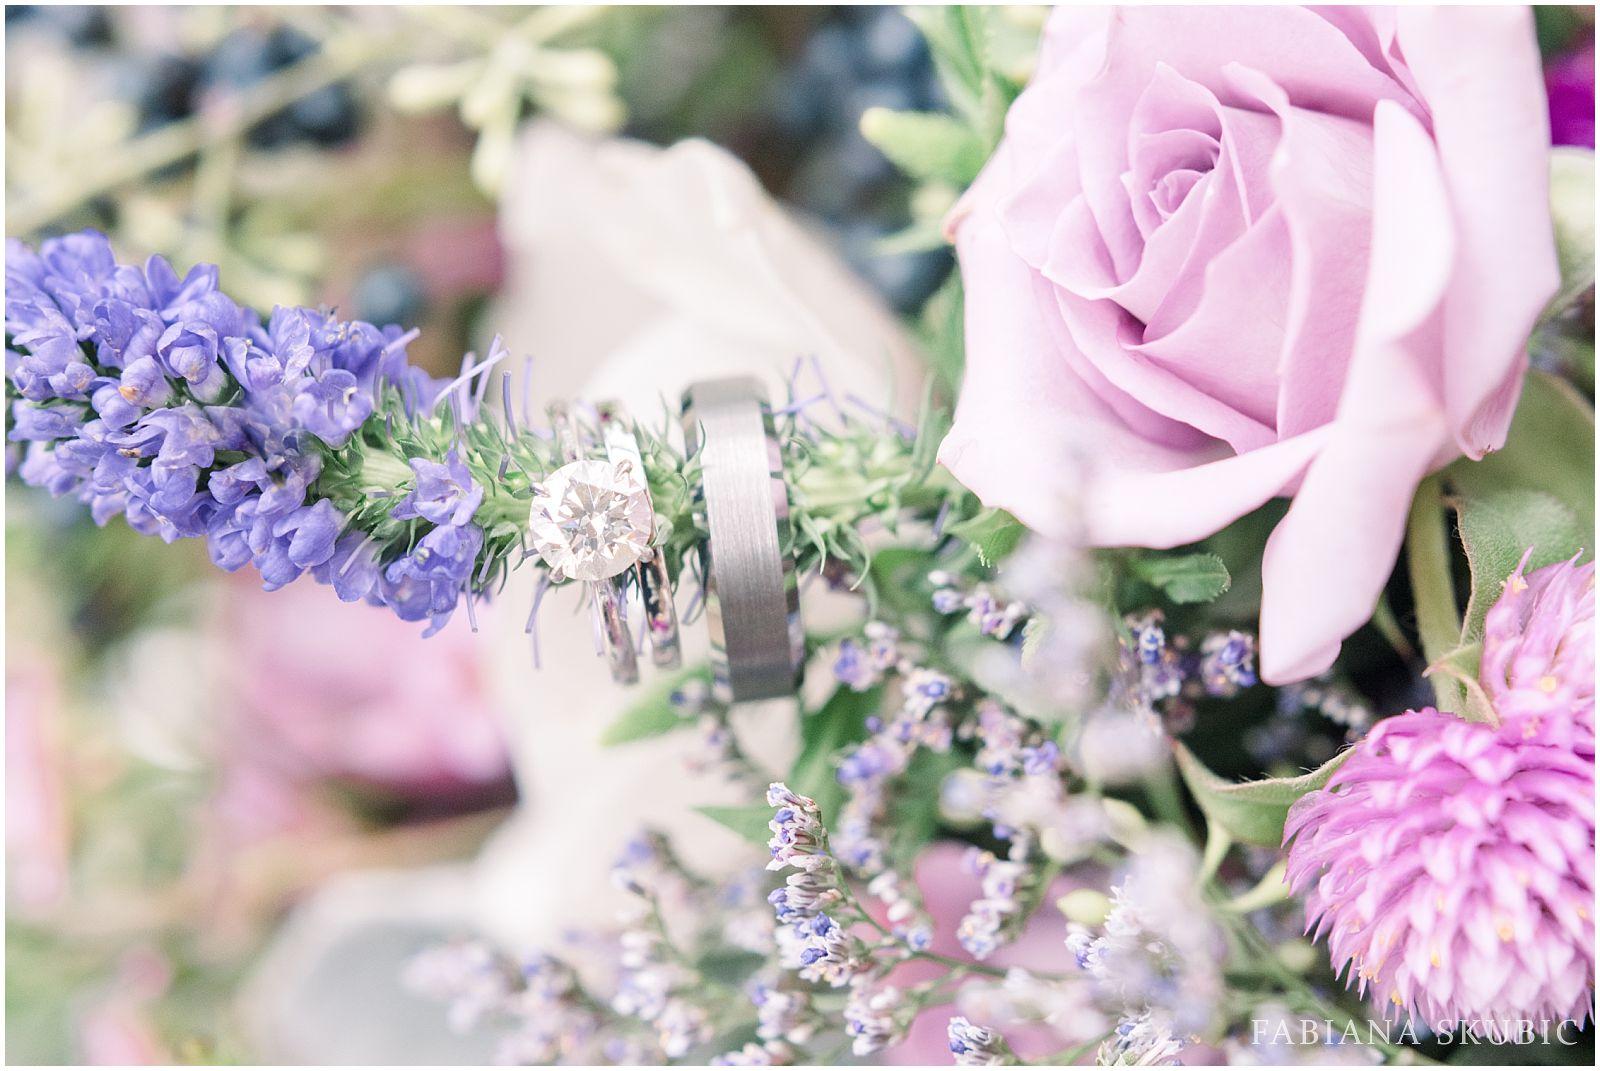 FabianaSkubic_J&M_FullMoonResort_Wedding_0009.jpg